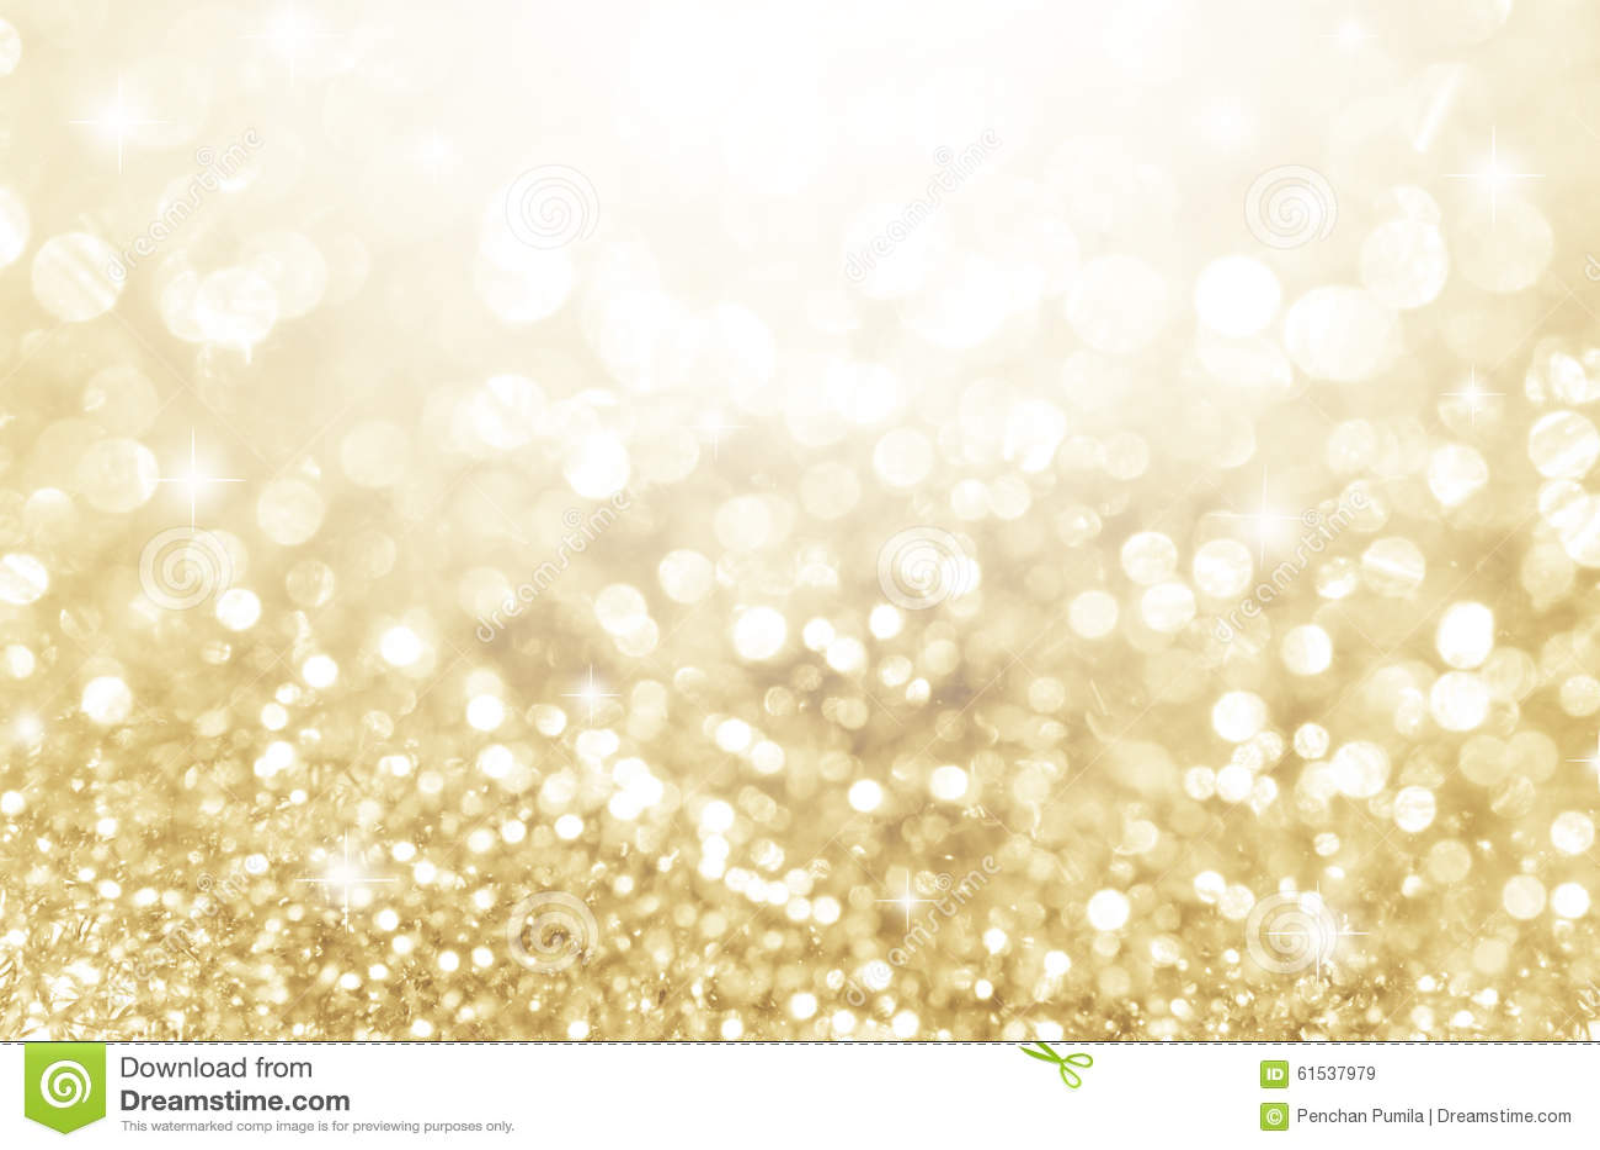 Lichter auf Gold mit Stern bokeh Hintergrund